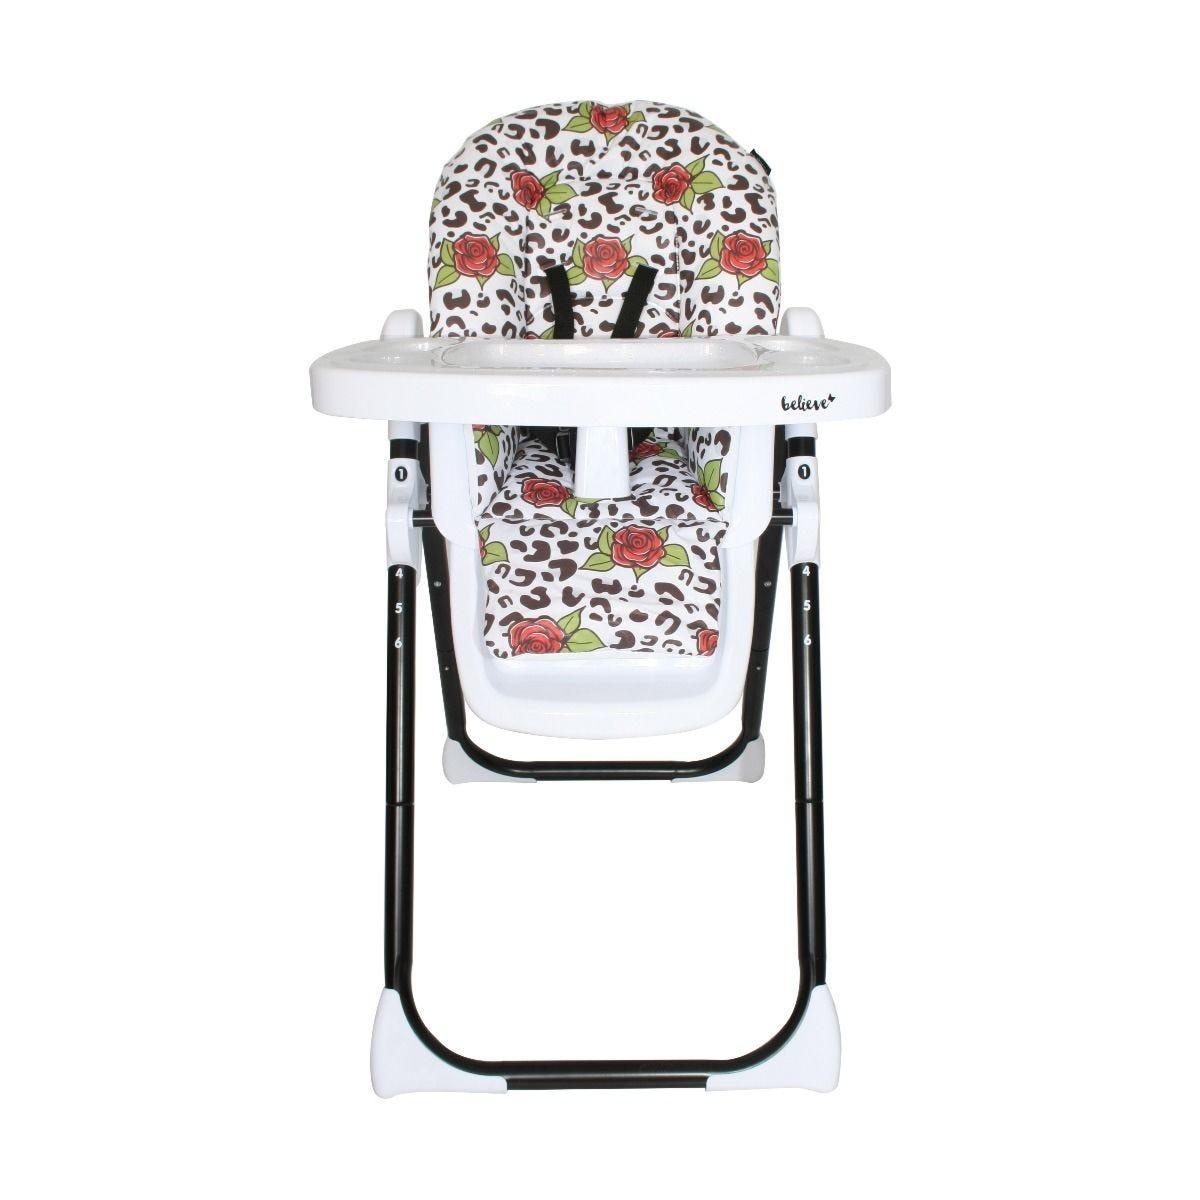 My Babiie Katie Piper Premium Highchair - Rose Leopard